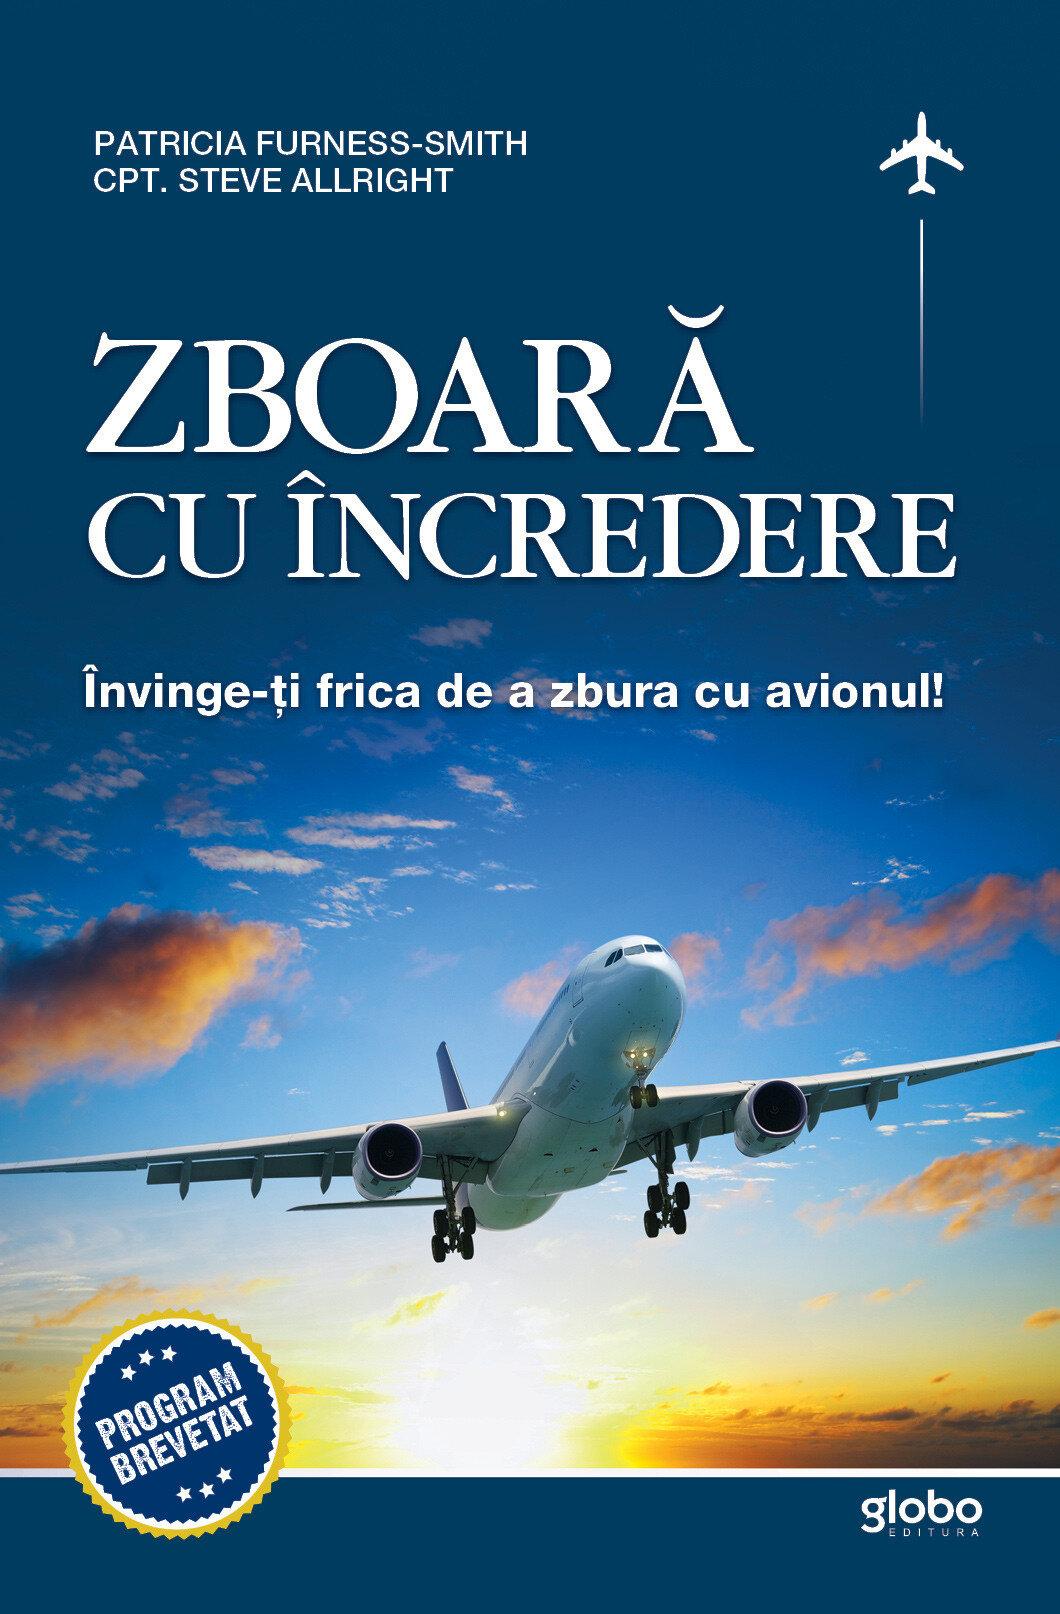 Coperta Carte Zboara cu incredere. Invinge-ti frica de a zbura cu avionul!